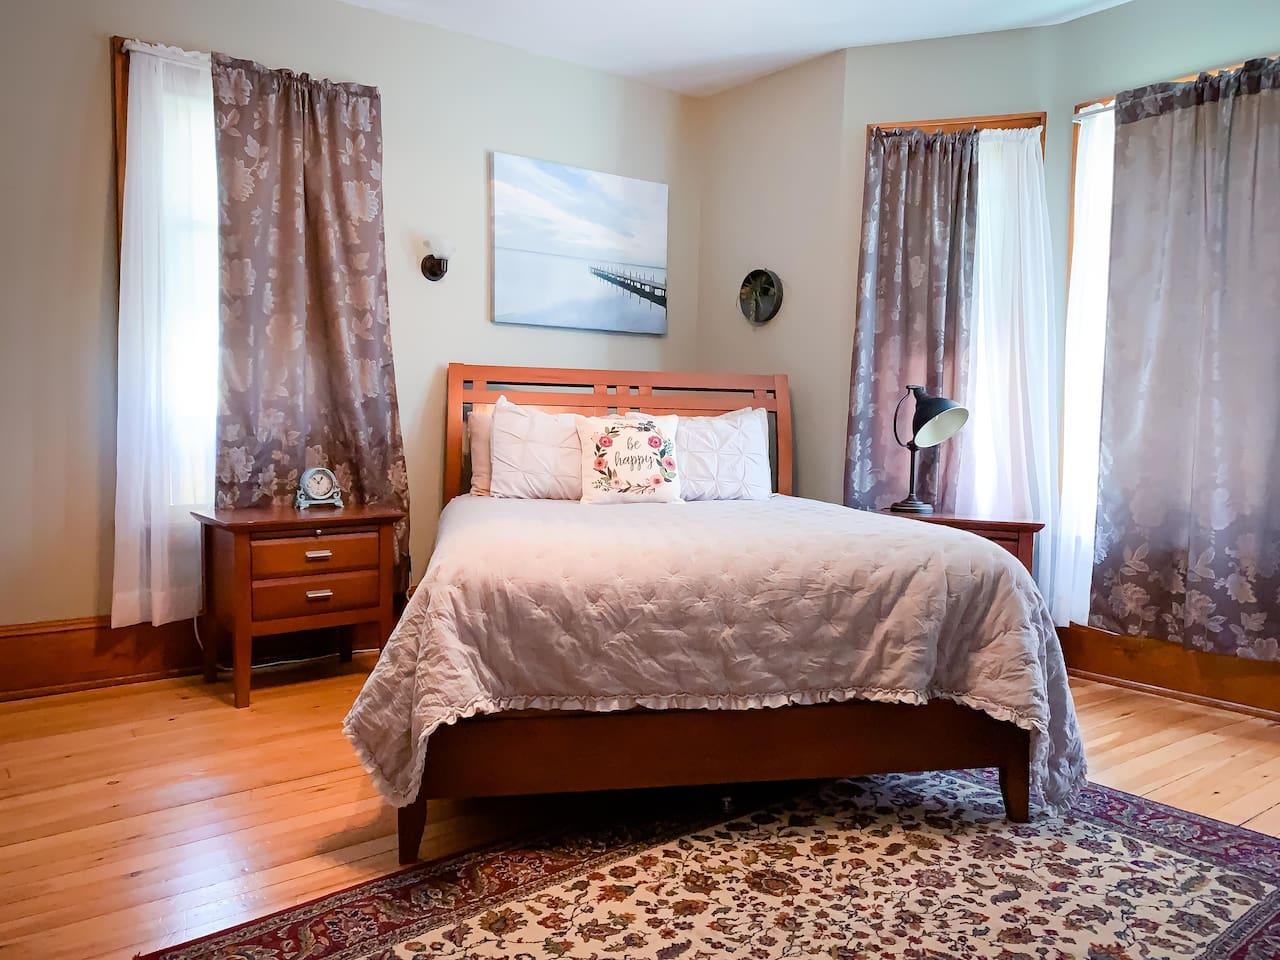 Quiet Artist's Retreat. Features queen size bed, fireplace, mini fridge, closet and en suite bathroom.